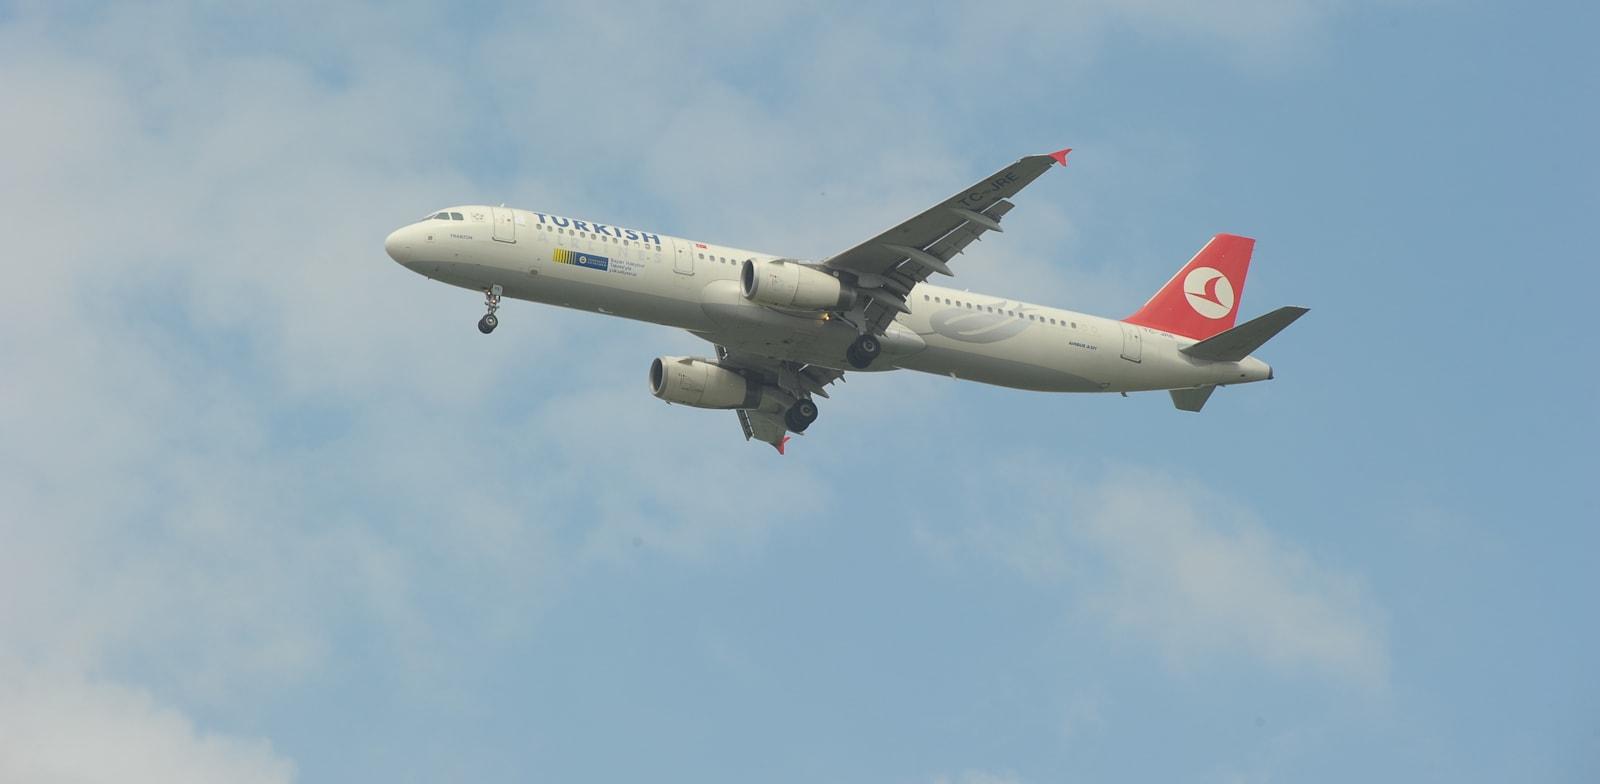 מטוס טורקיש איירליינס / צילום: איל יצהר